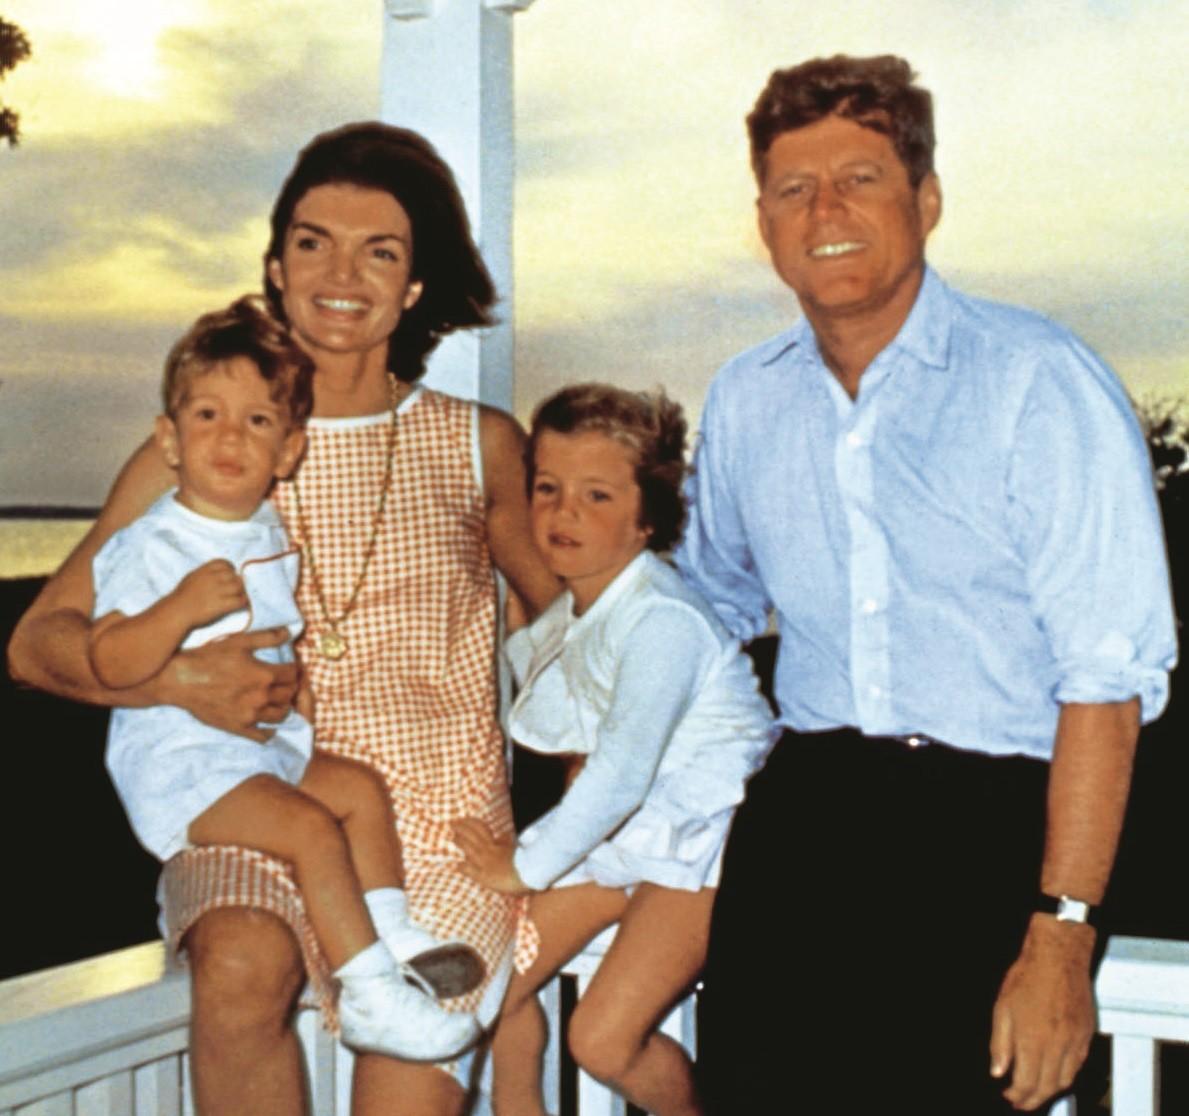 Жаклин и Джон Кеннеди: практичная любовь